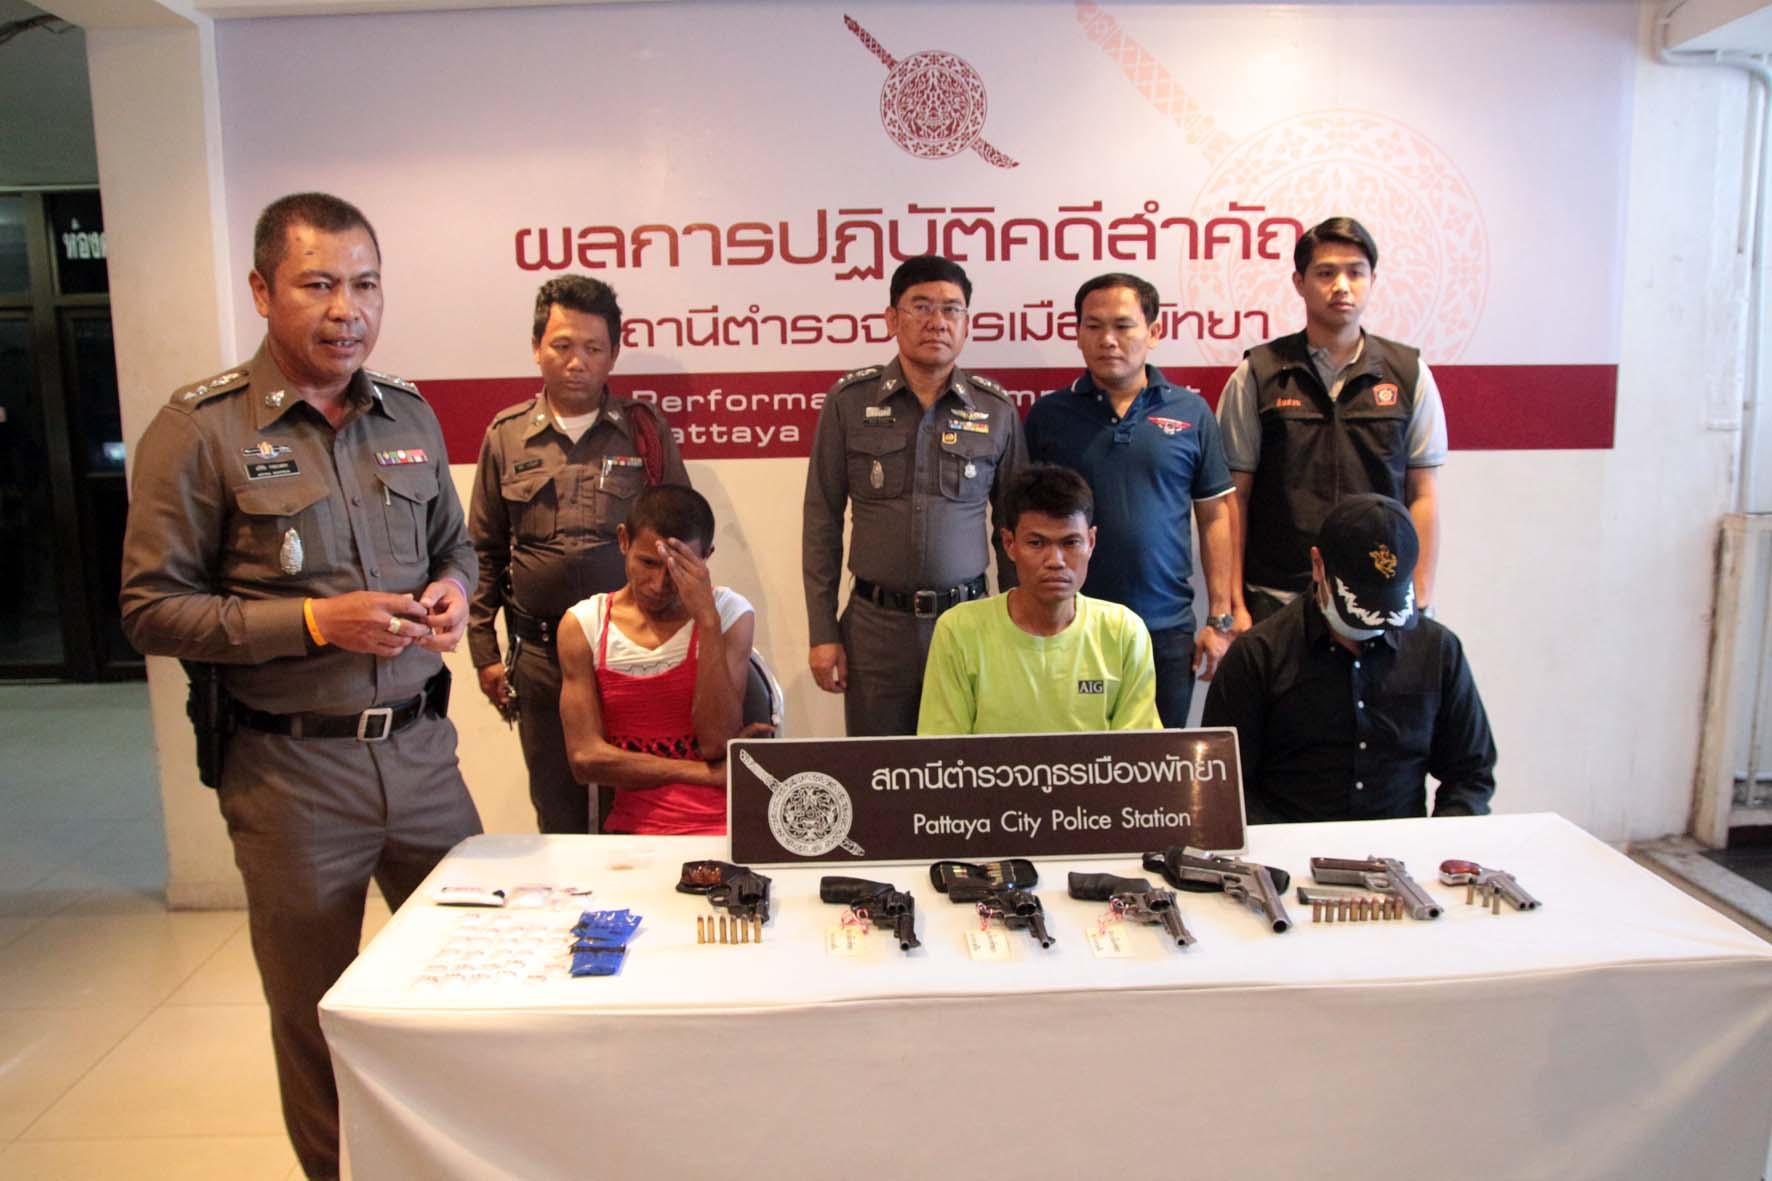 (มีคลิป)  ตำรวจพัทยากวาดจับอาวุธปืน ยาเสพติด และคดีลักทรัพย์